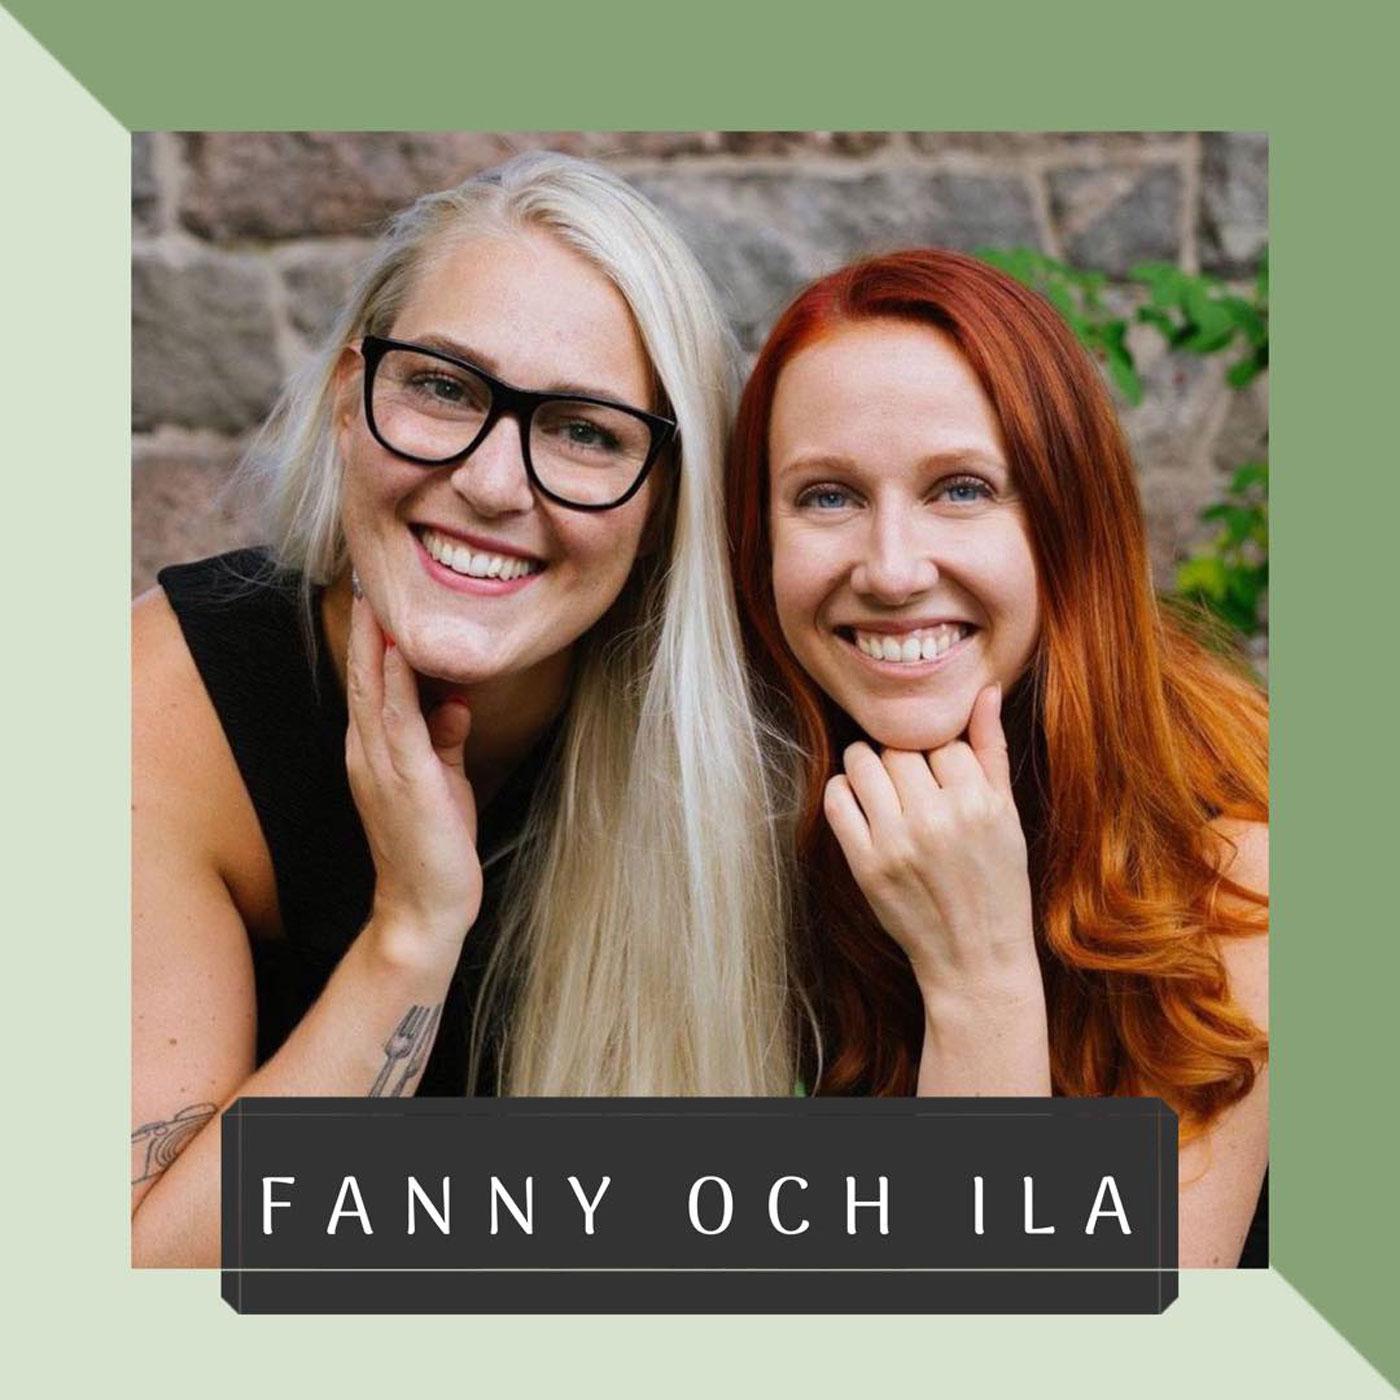 Fanny och Ila - Hållbar livstil och holistisk hälsa show art